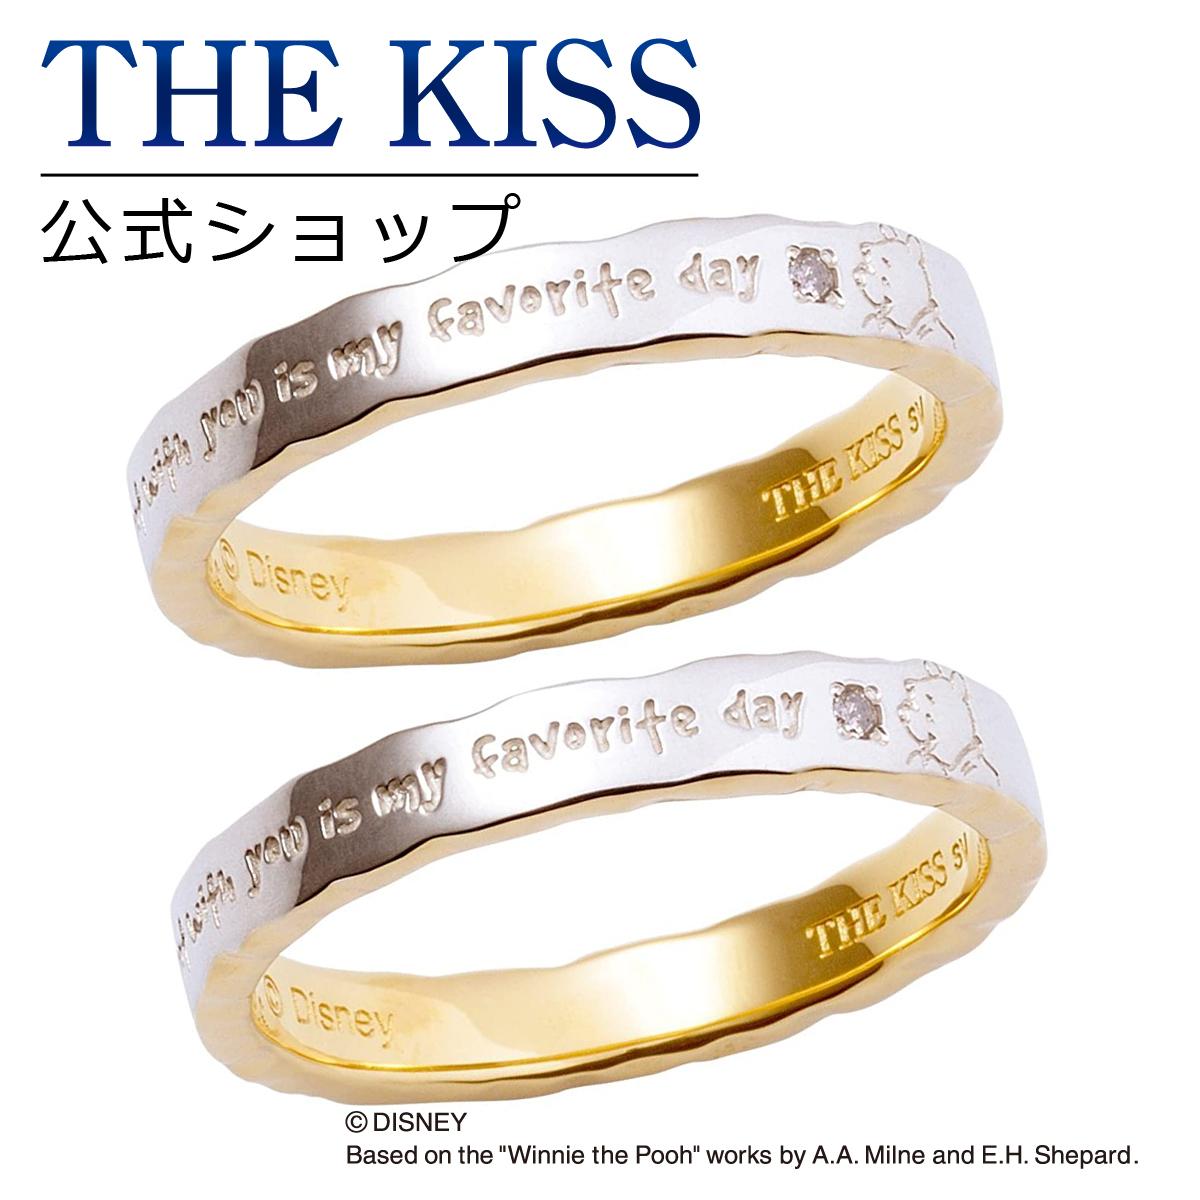 【あす楽対応】【ディズニーコレクション】 ディズニー / ペアリング / くまのプーさん / ハチミツ / THE KISS リング・指輪 シルバー キュービック (レディース メンズ 単品) DI-SR6020DM-P セット シンプル ザキス 【送料無料】